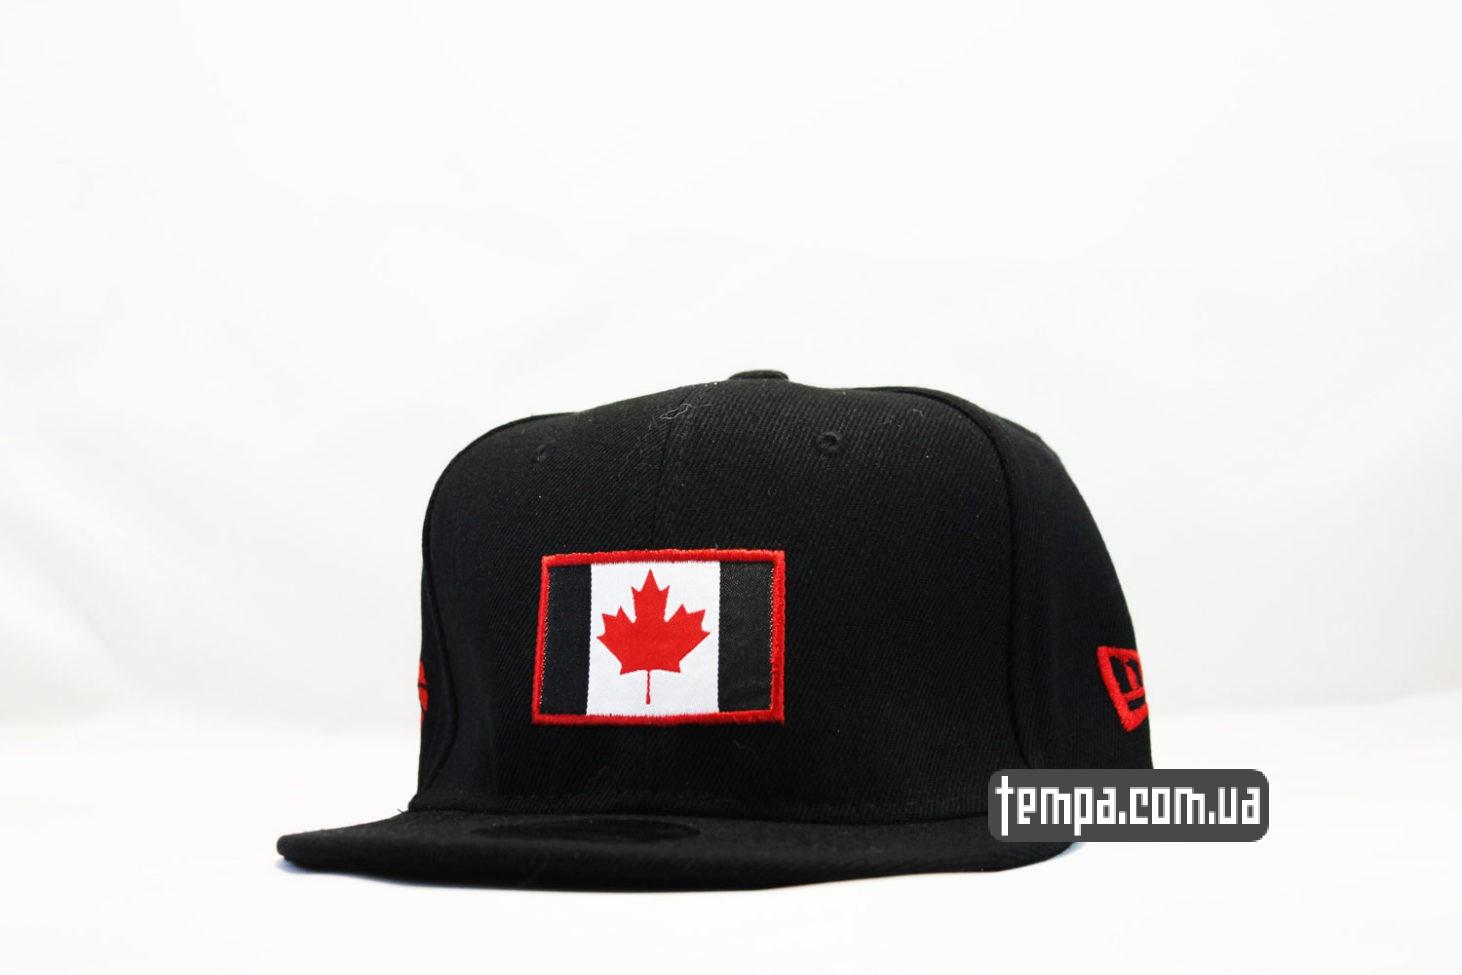 Кепка Snapback Canada New Era с канадским флагом